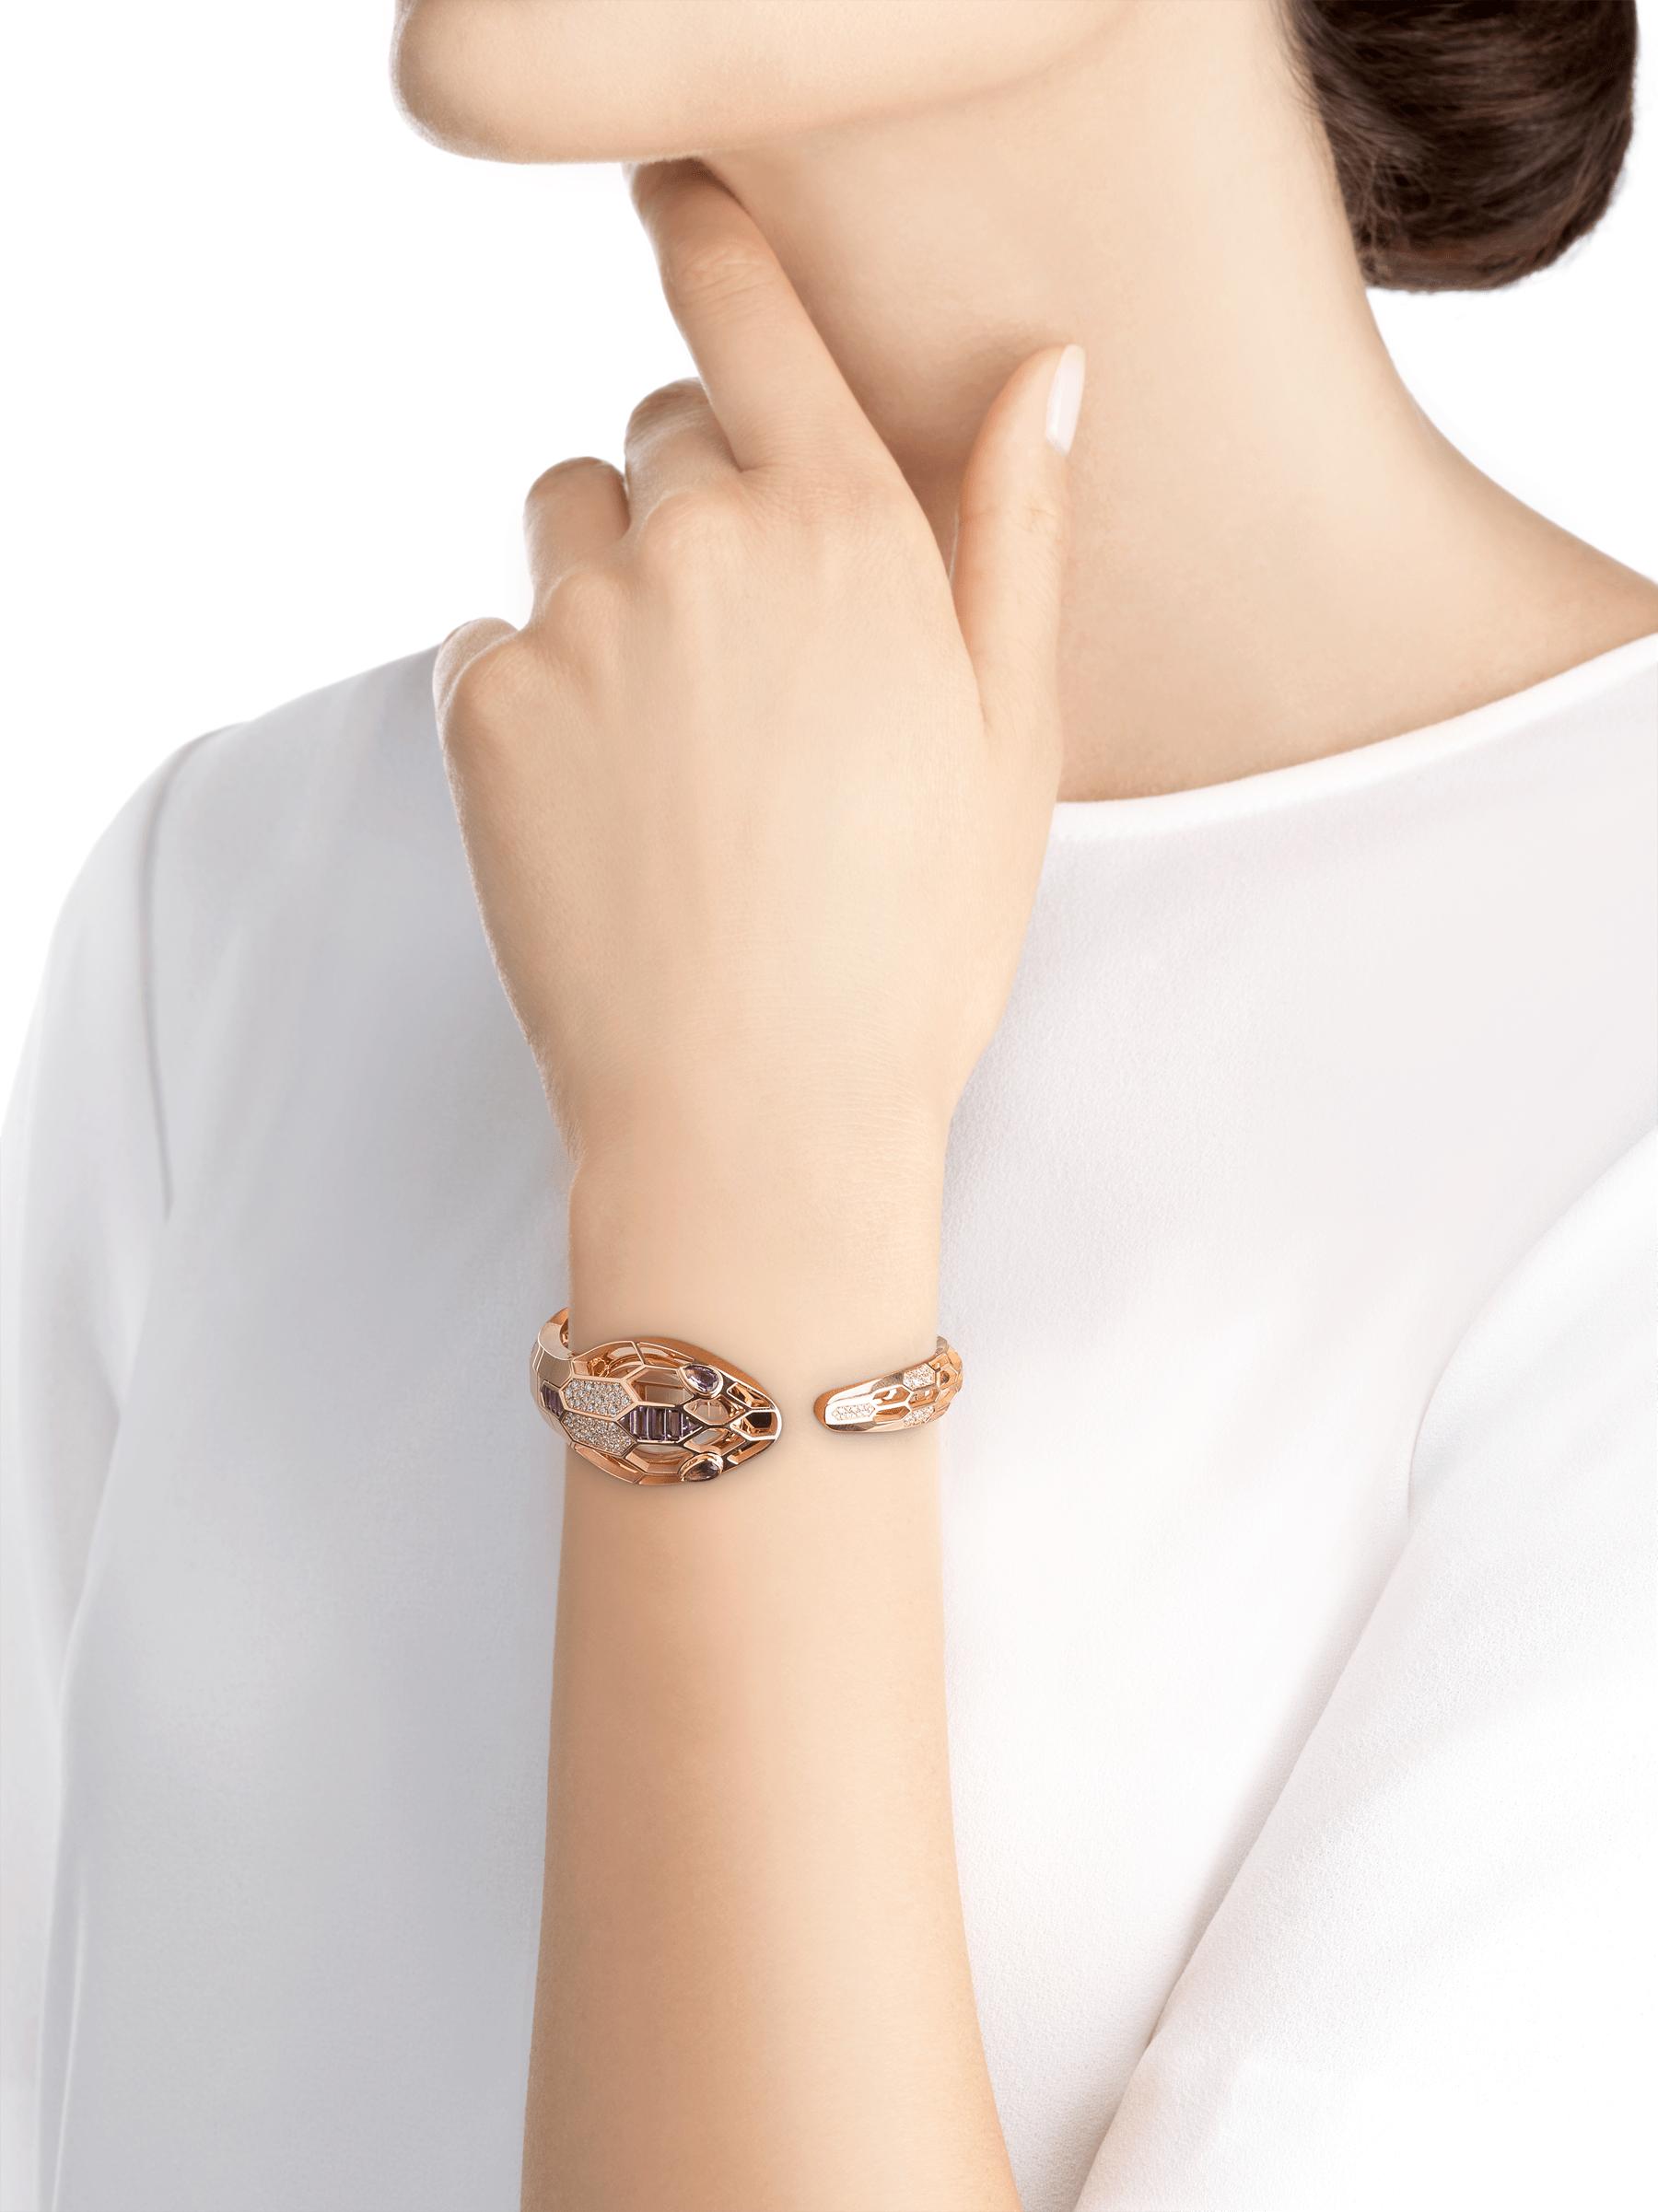 Relógio Secreto Serpenti Misteriosi com caixa e pulseira em ouro rosa 18K, ambas cravejadas com diamantes redondos lapidação brilhante e ametistas lapidação baguete, mostrador em madrepérola e olhos de ametista em formato pera. Tamanho médio 103056 image 4